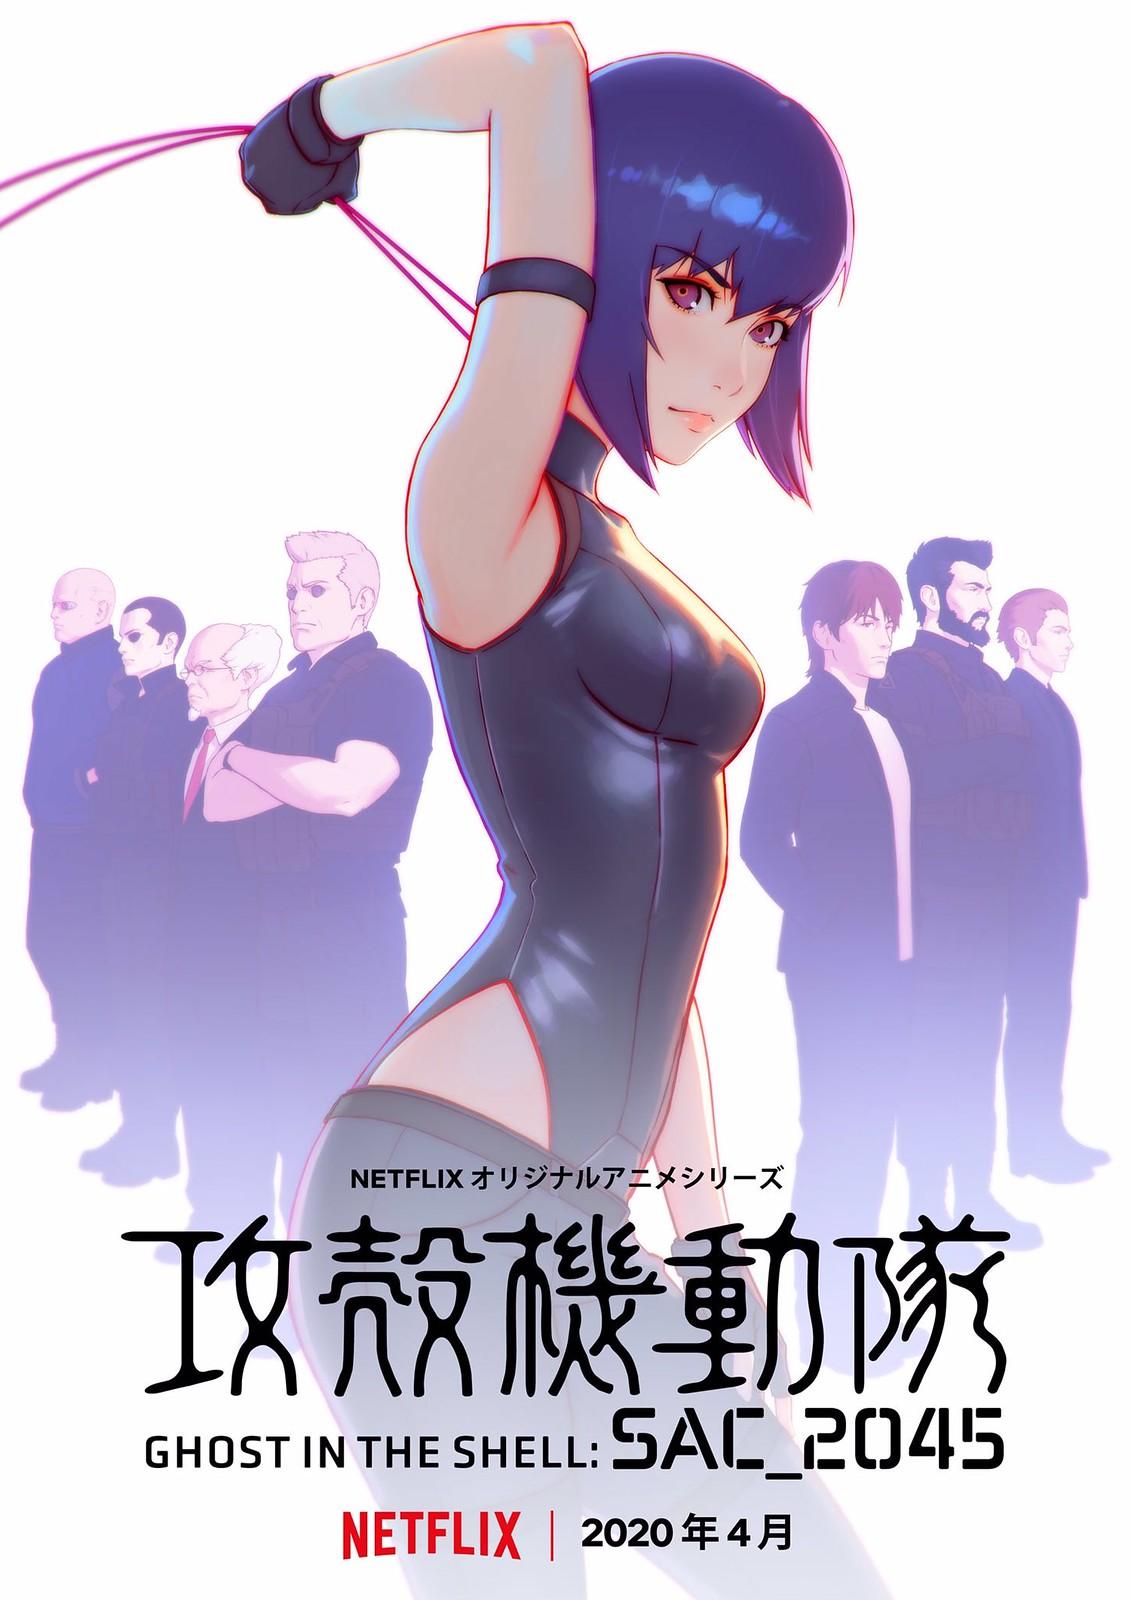 200127 - 插畫家「Ilya Kuvshinov」設計『公安9課』主角新造型、Netflix動畫《攻殻機動隊 SAC_2045》將在4月上架!